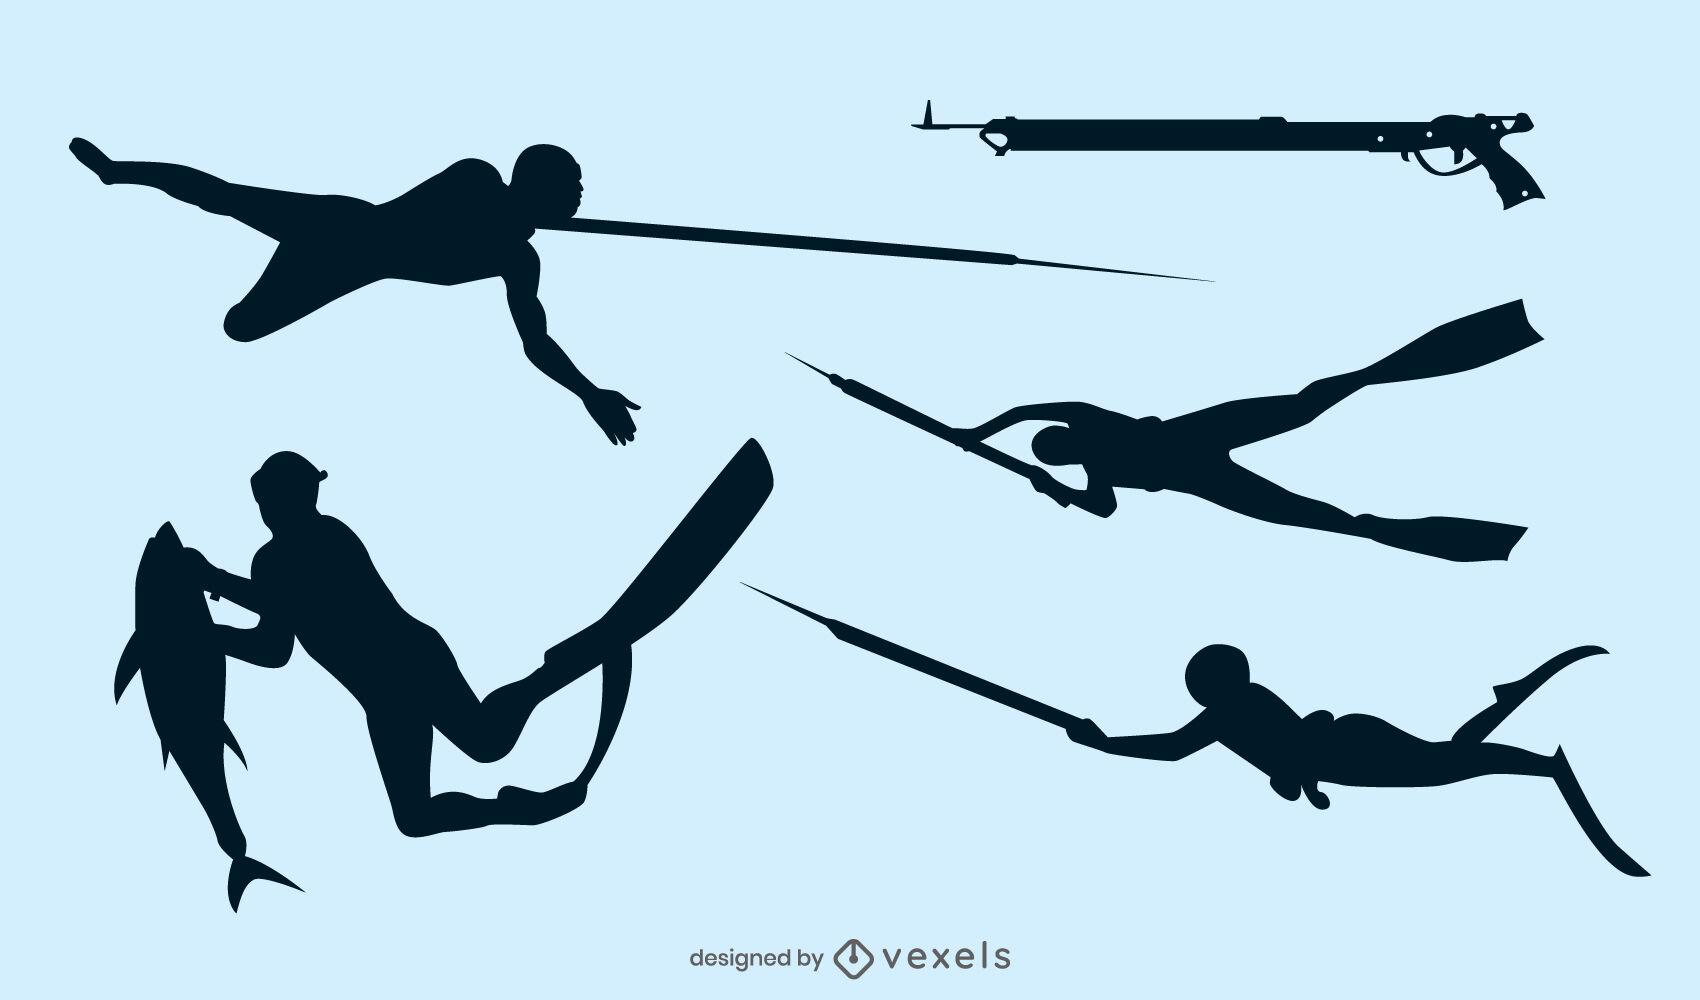 Underwater spearfishing silhouette set